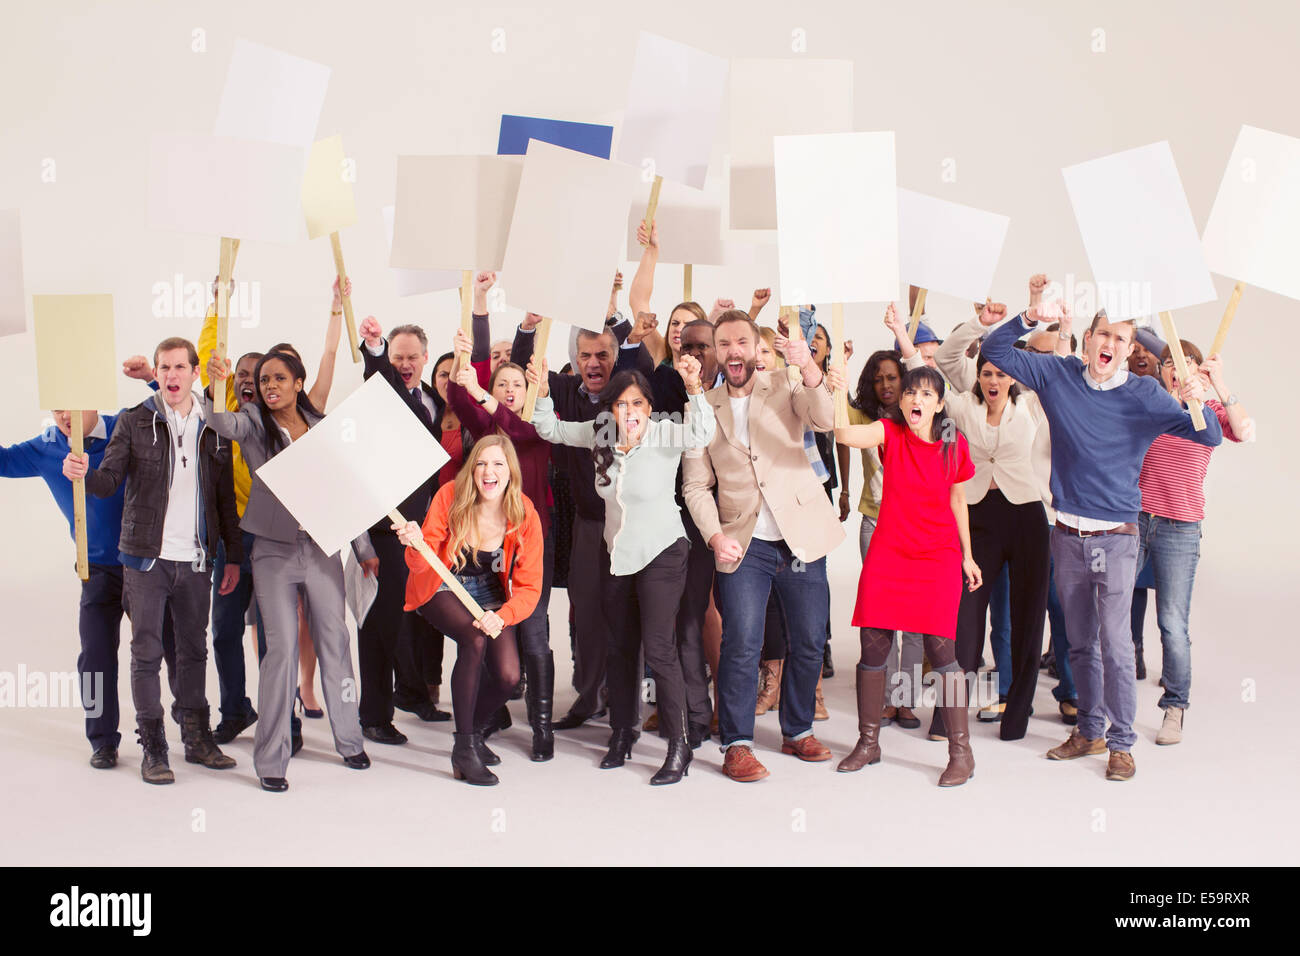 Los manifestantes con piquete signos Imagen De Stock